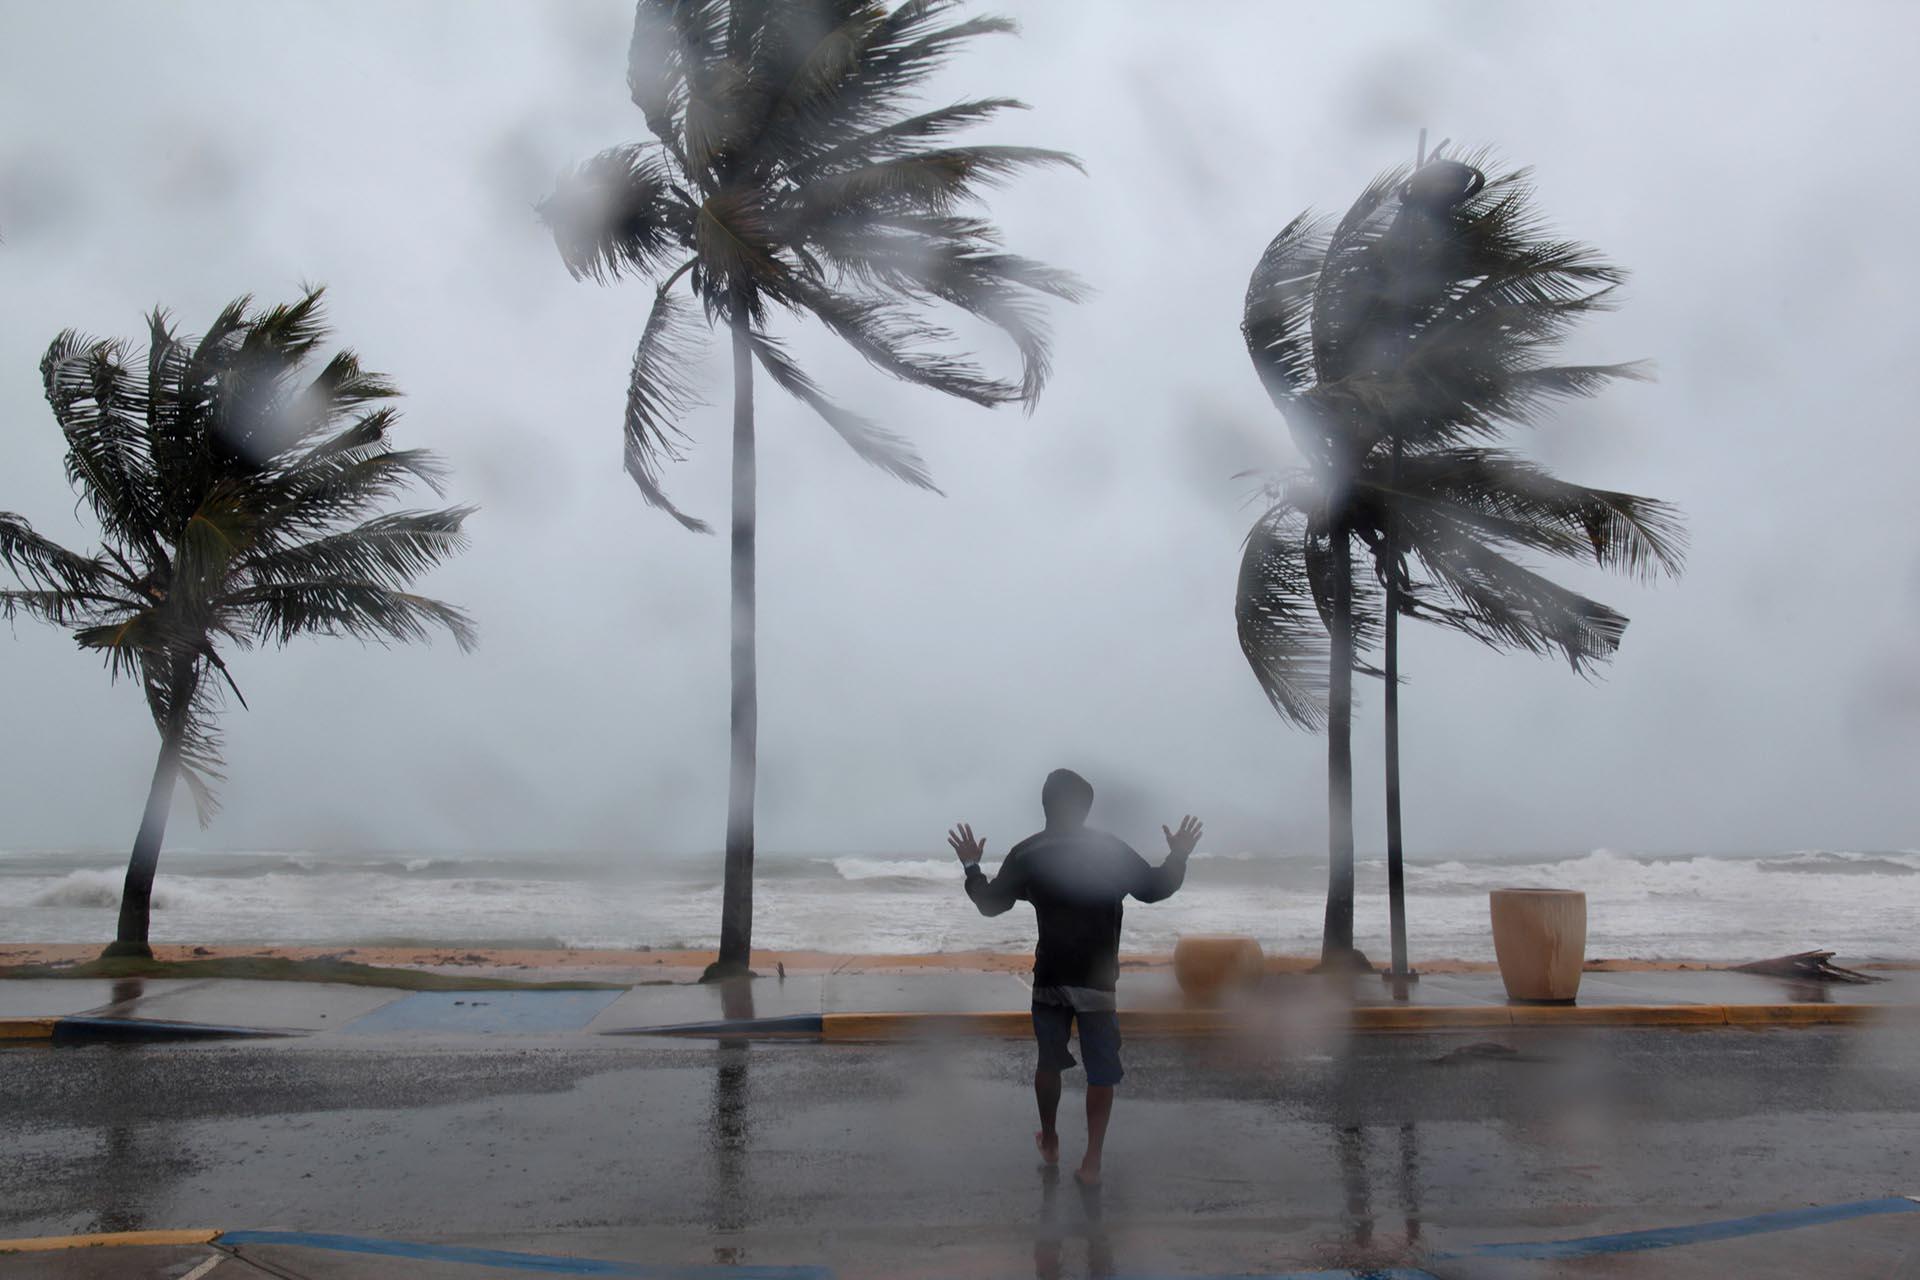 Luquillo, Puerto Rico(Reuters)